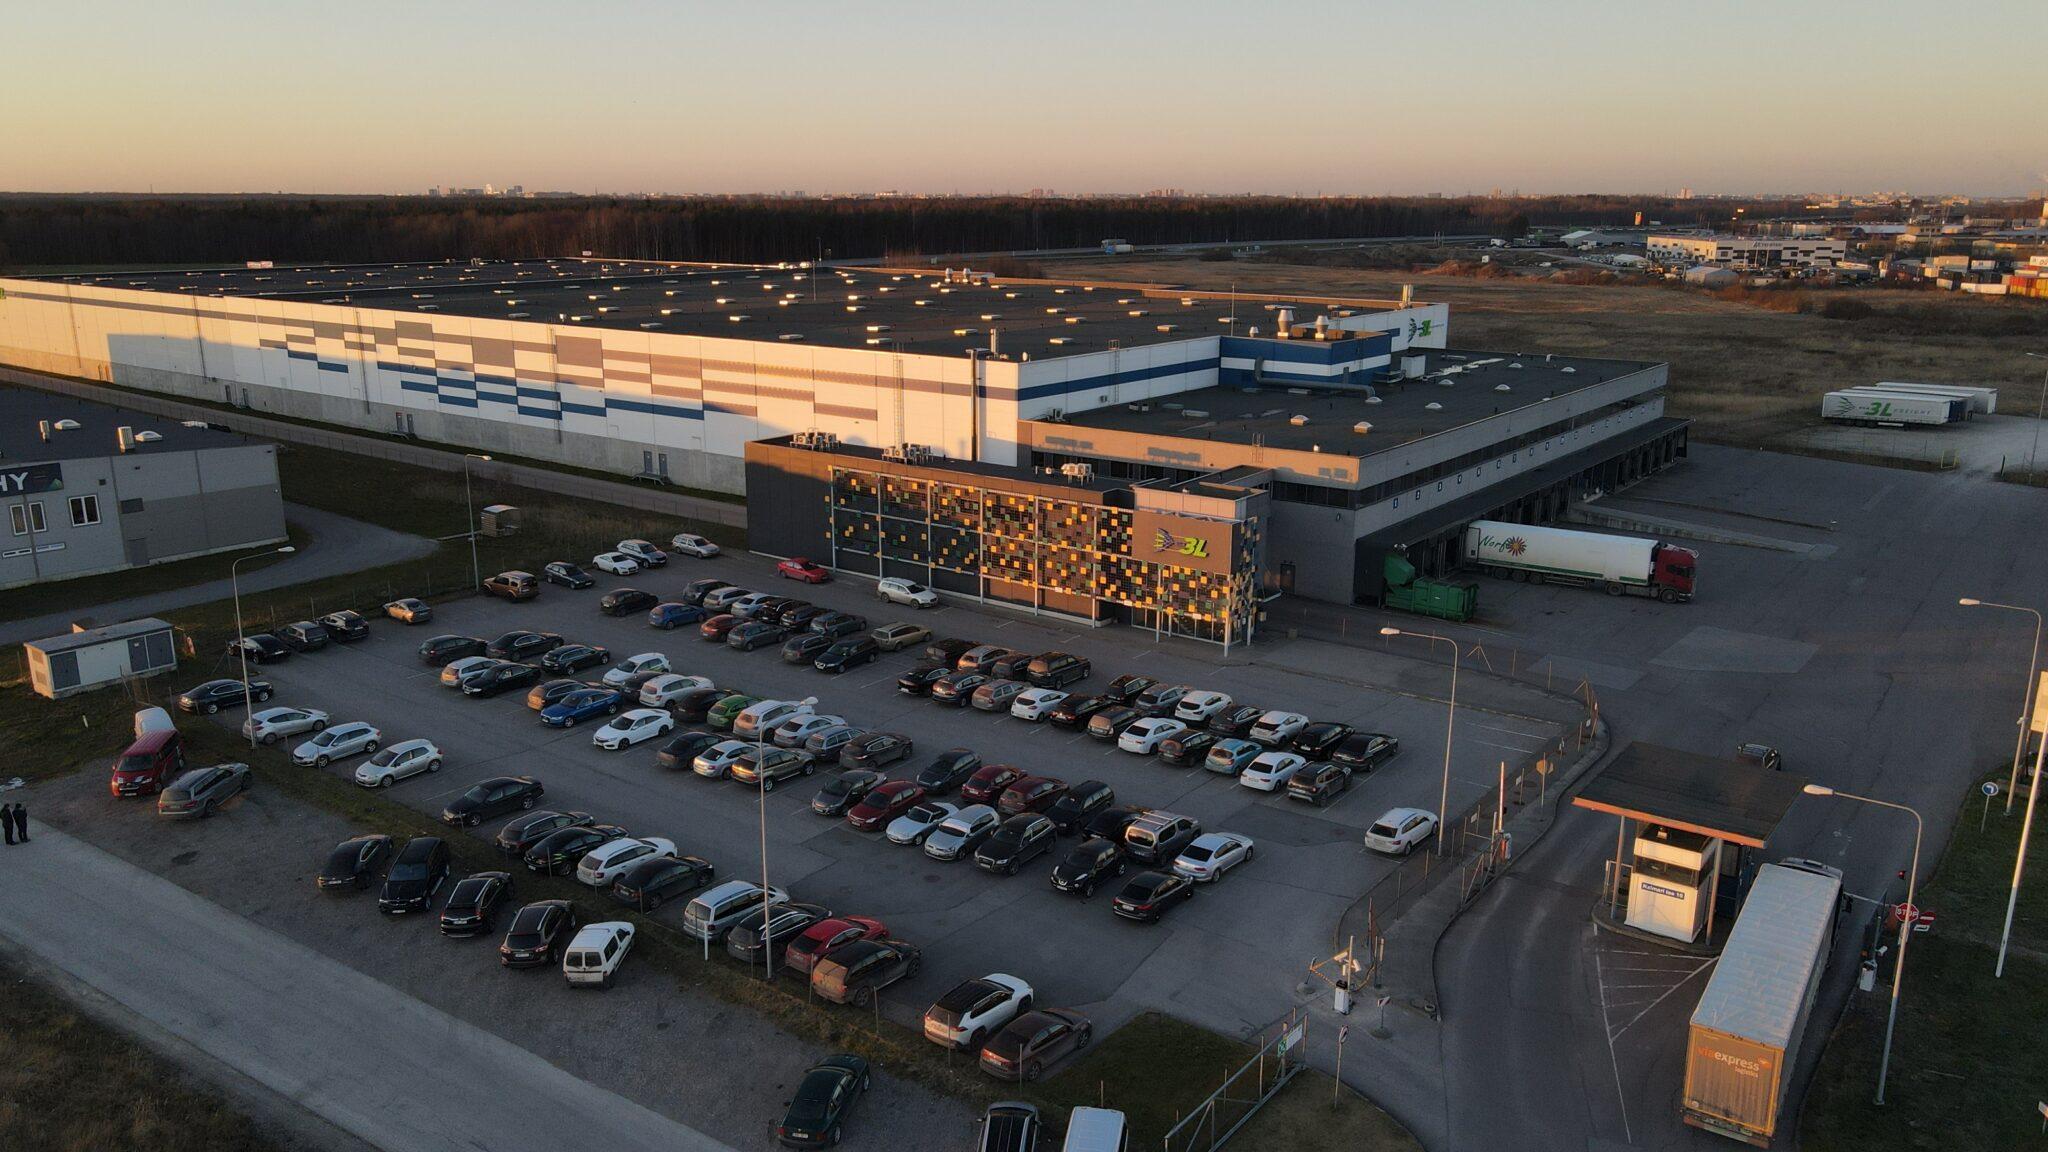 East Capital Real Estate omandab Rae vallas asuva 33000 ruutmeetriseVia 3L logistikakompleksi